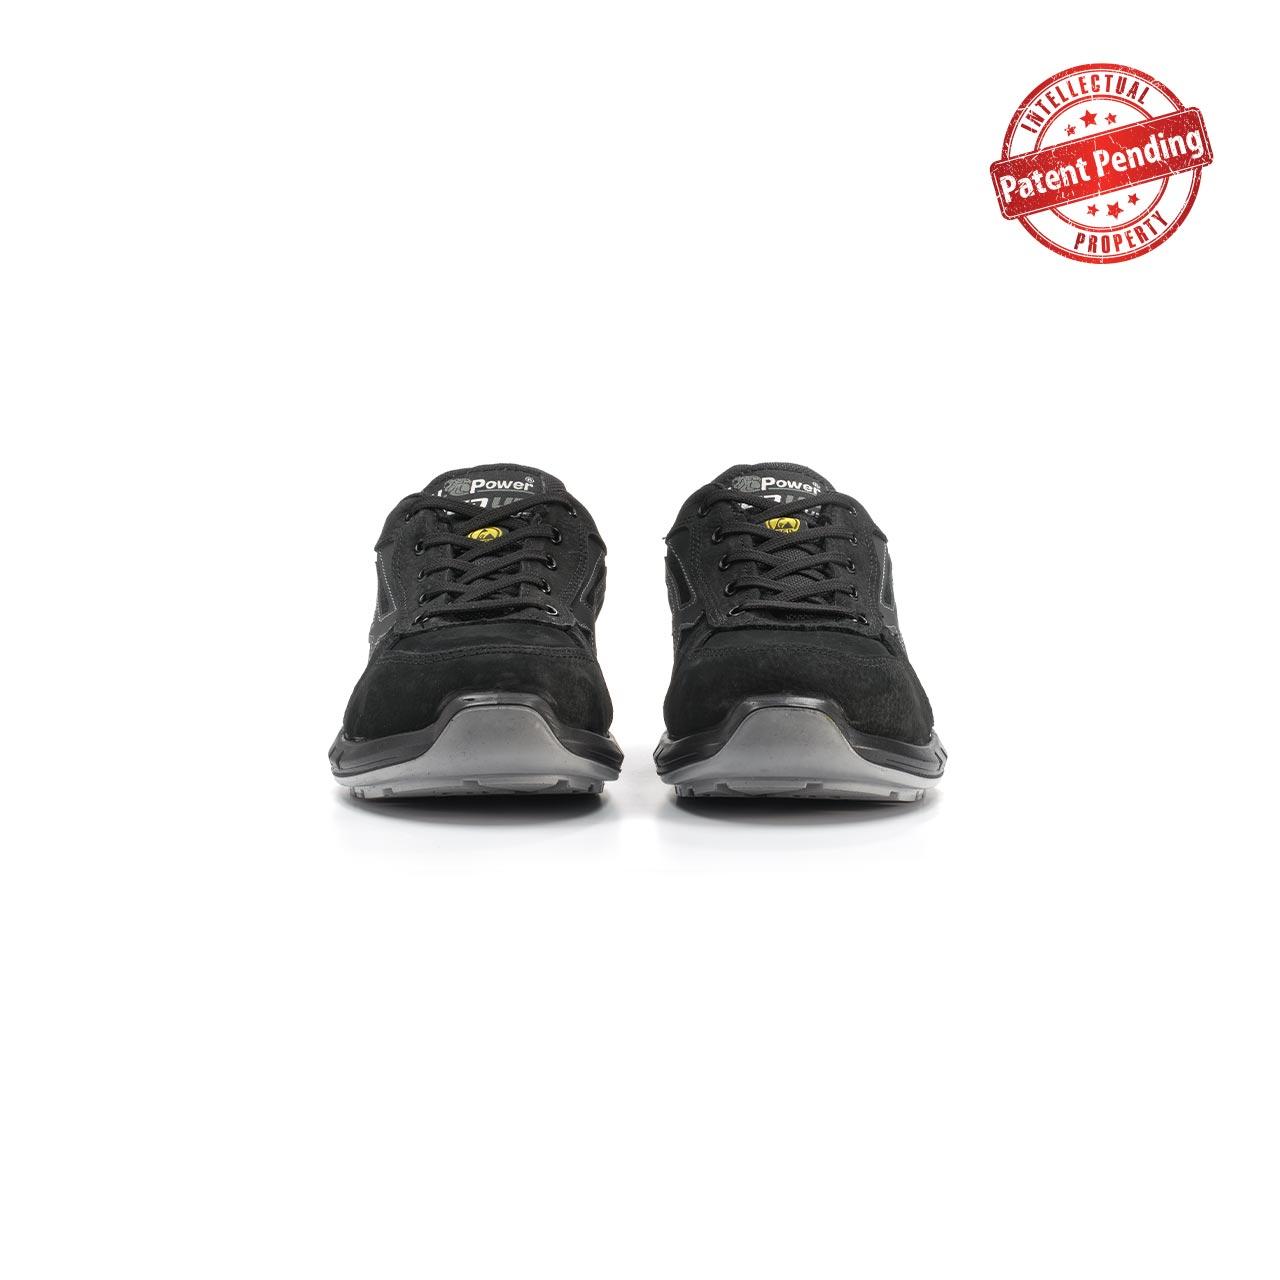 paio di scarpe antinfortunistiche upower modello shedir plus linea redup plus vista frontale